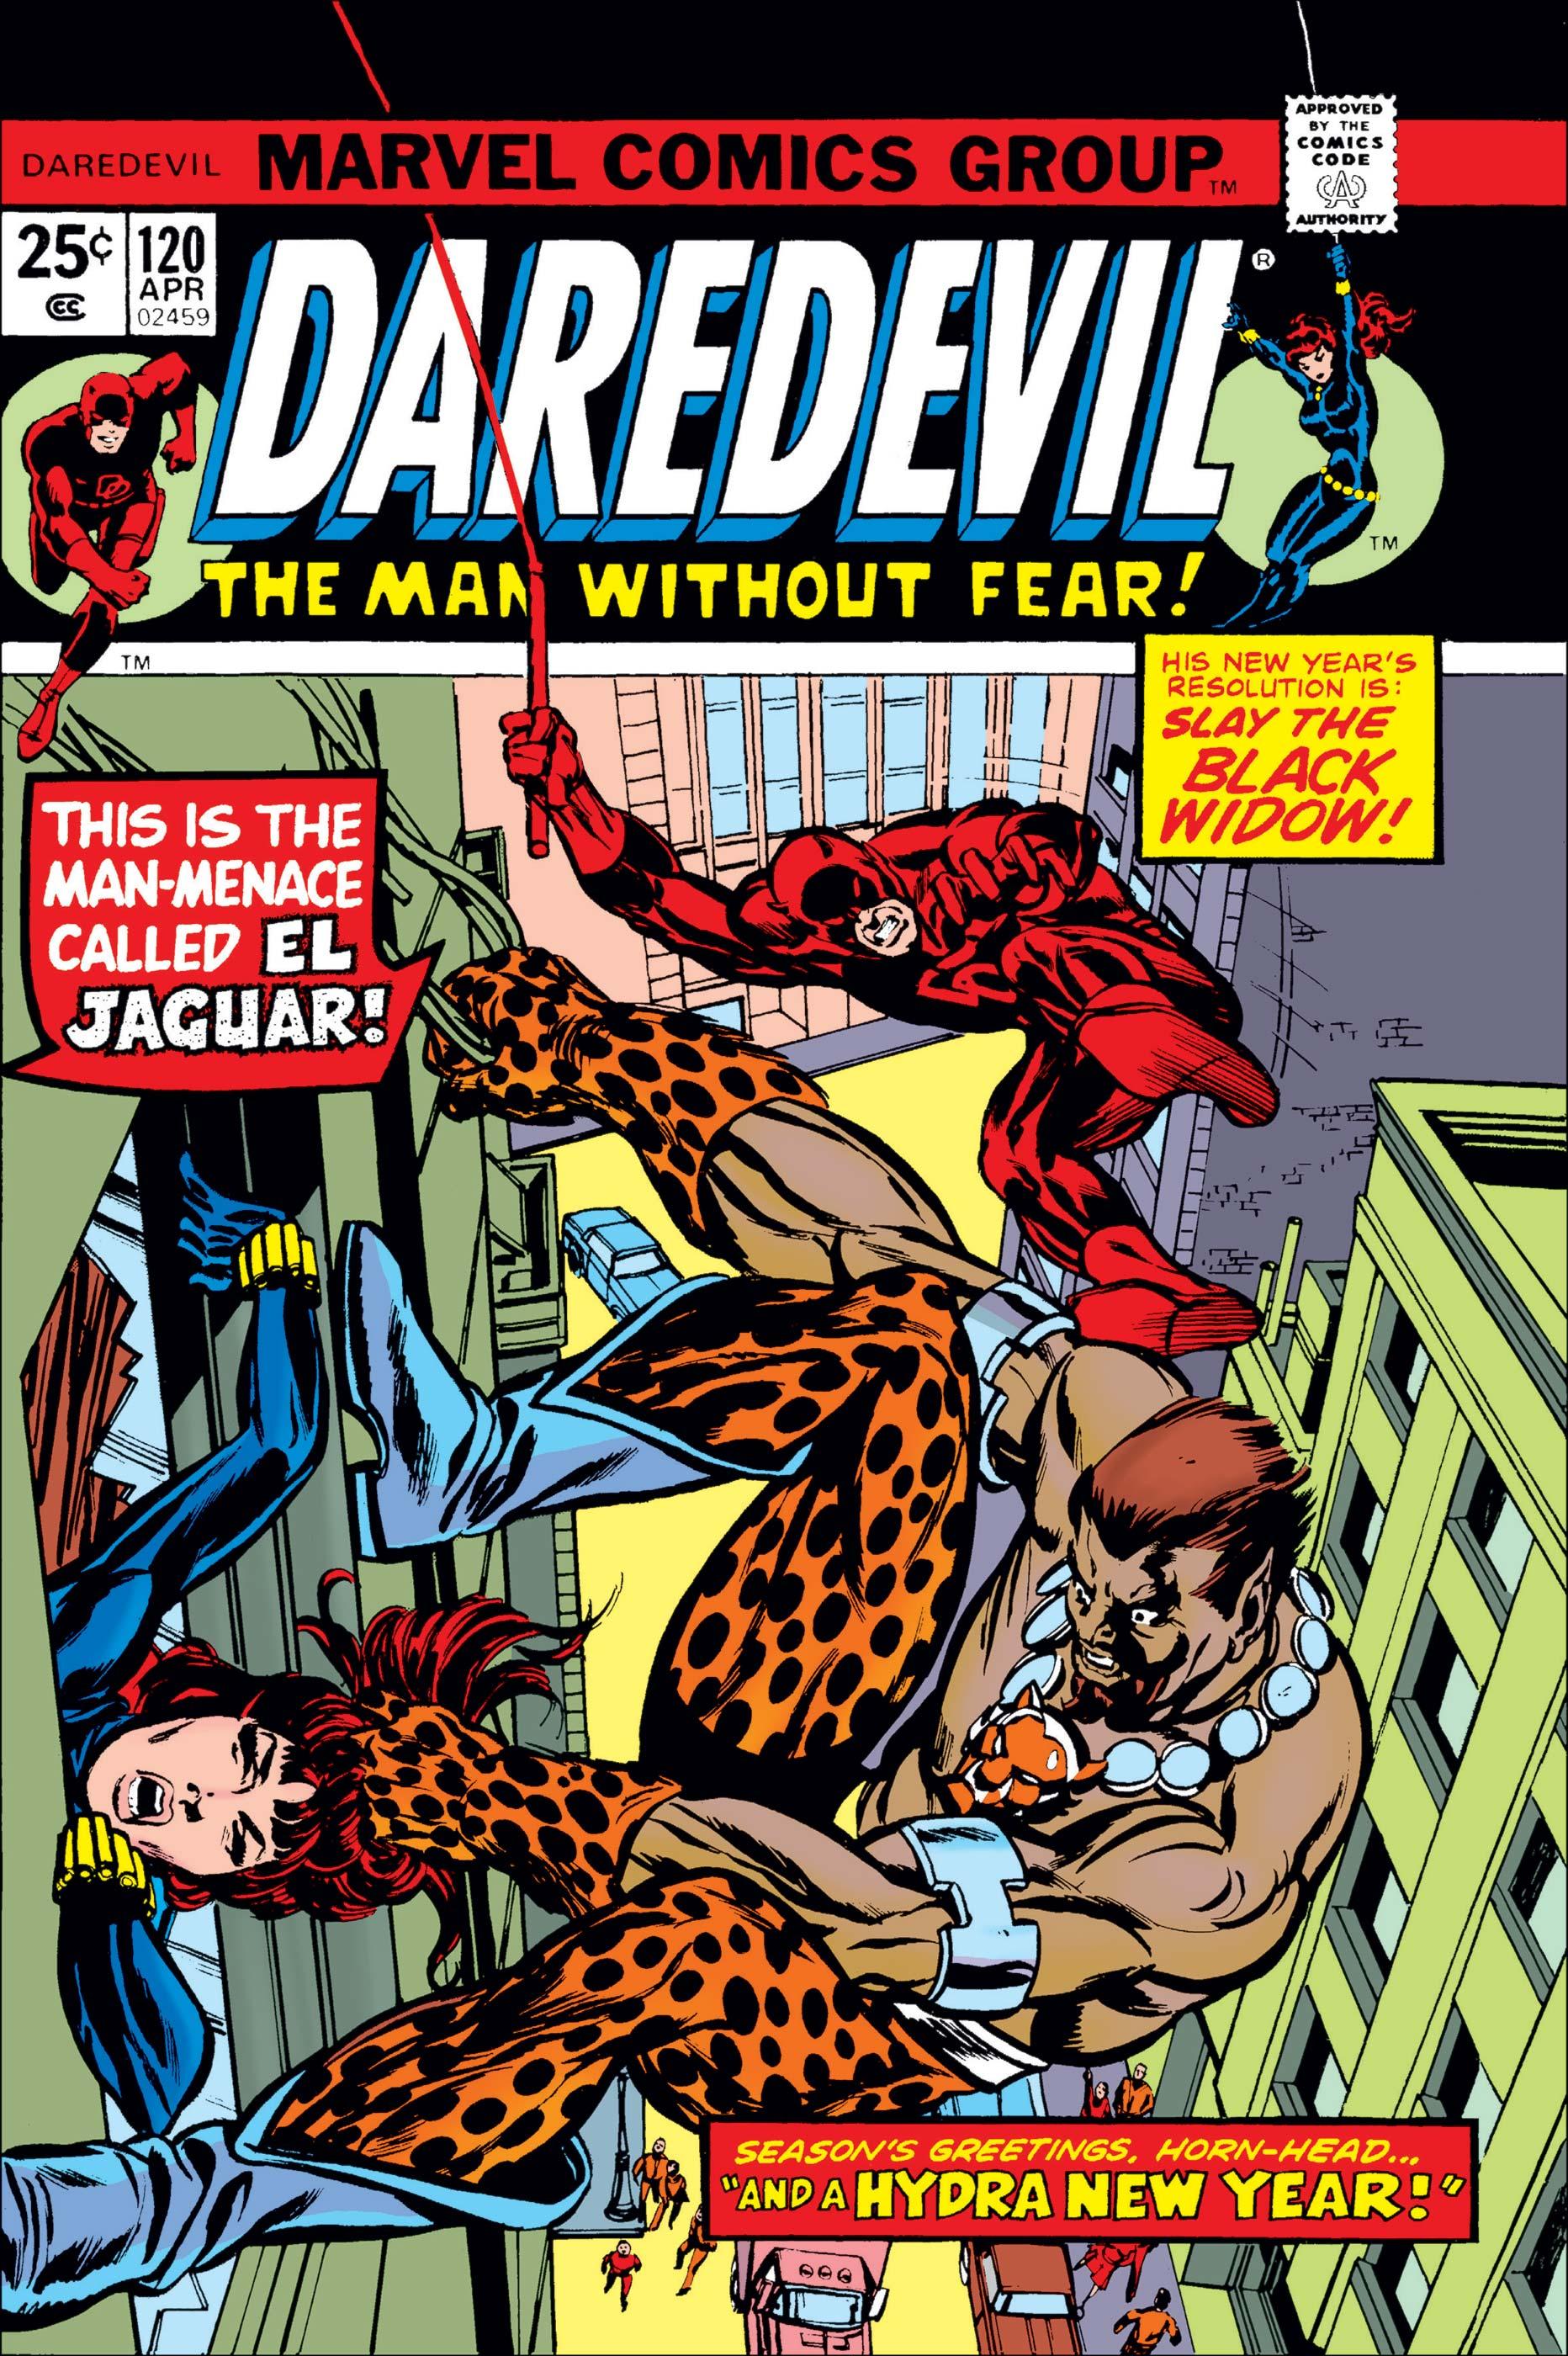 Daredevil (1964) #120